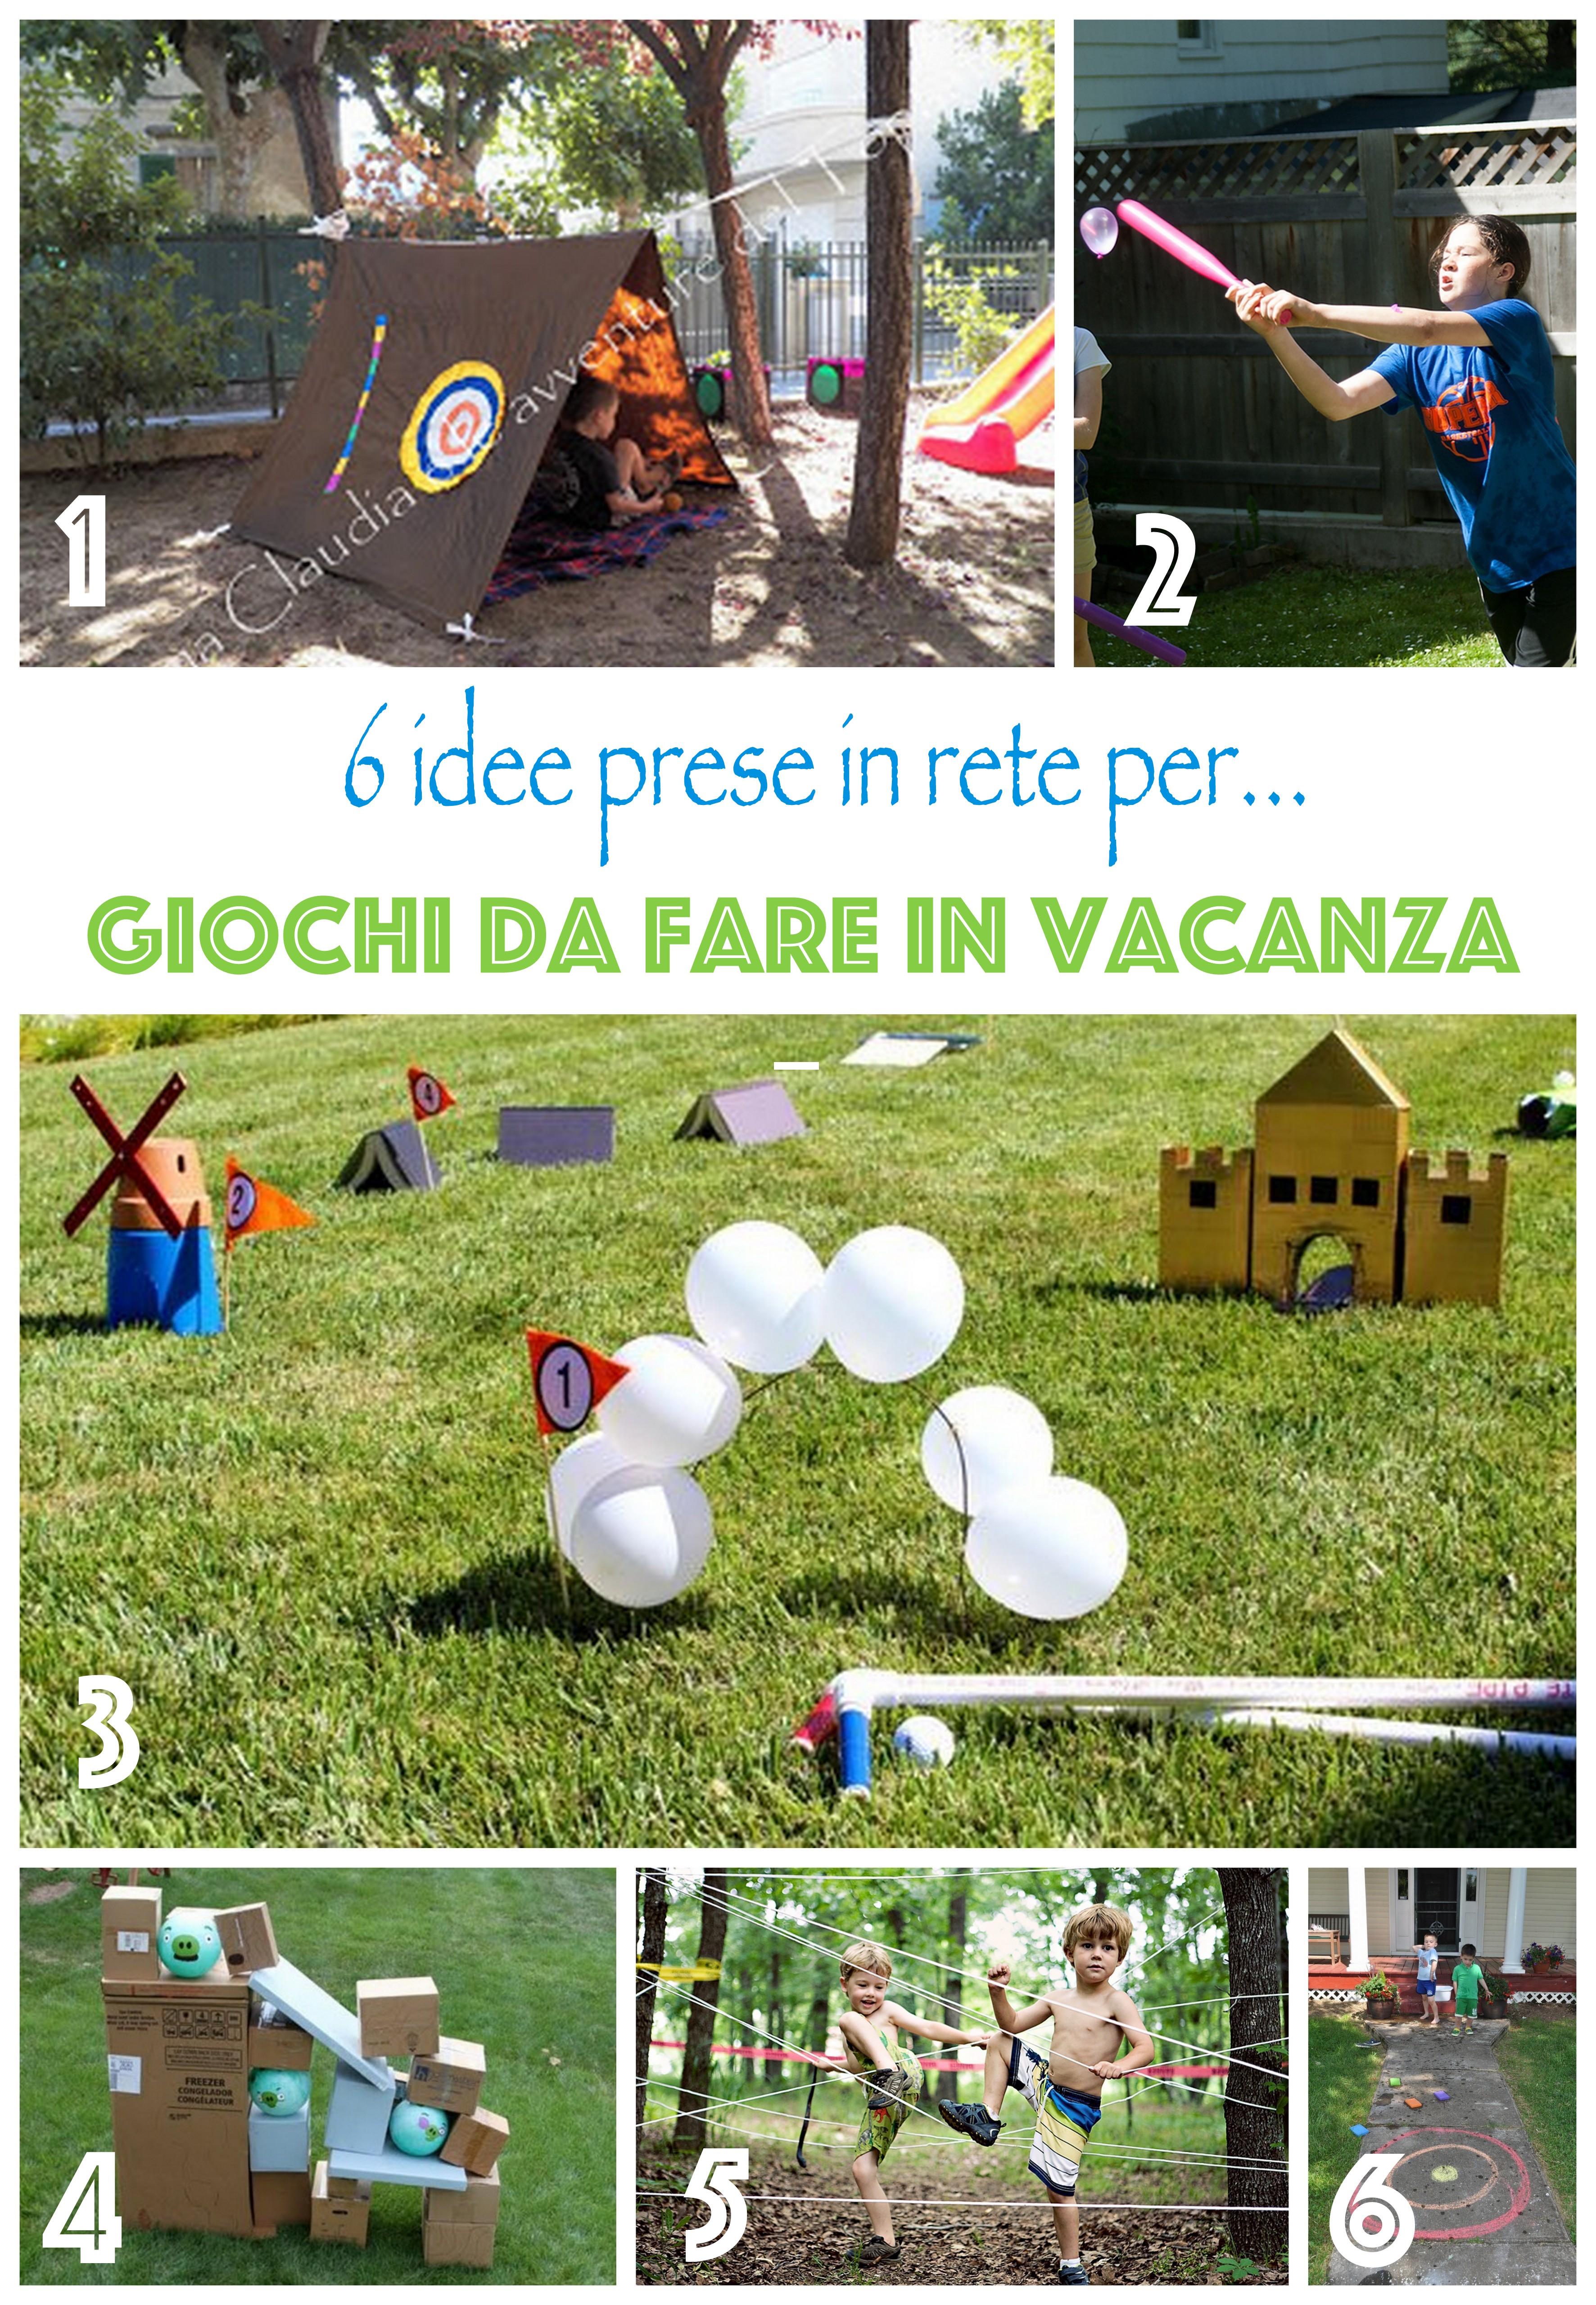 idee per attivitä e giochi da fare in vacanza